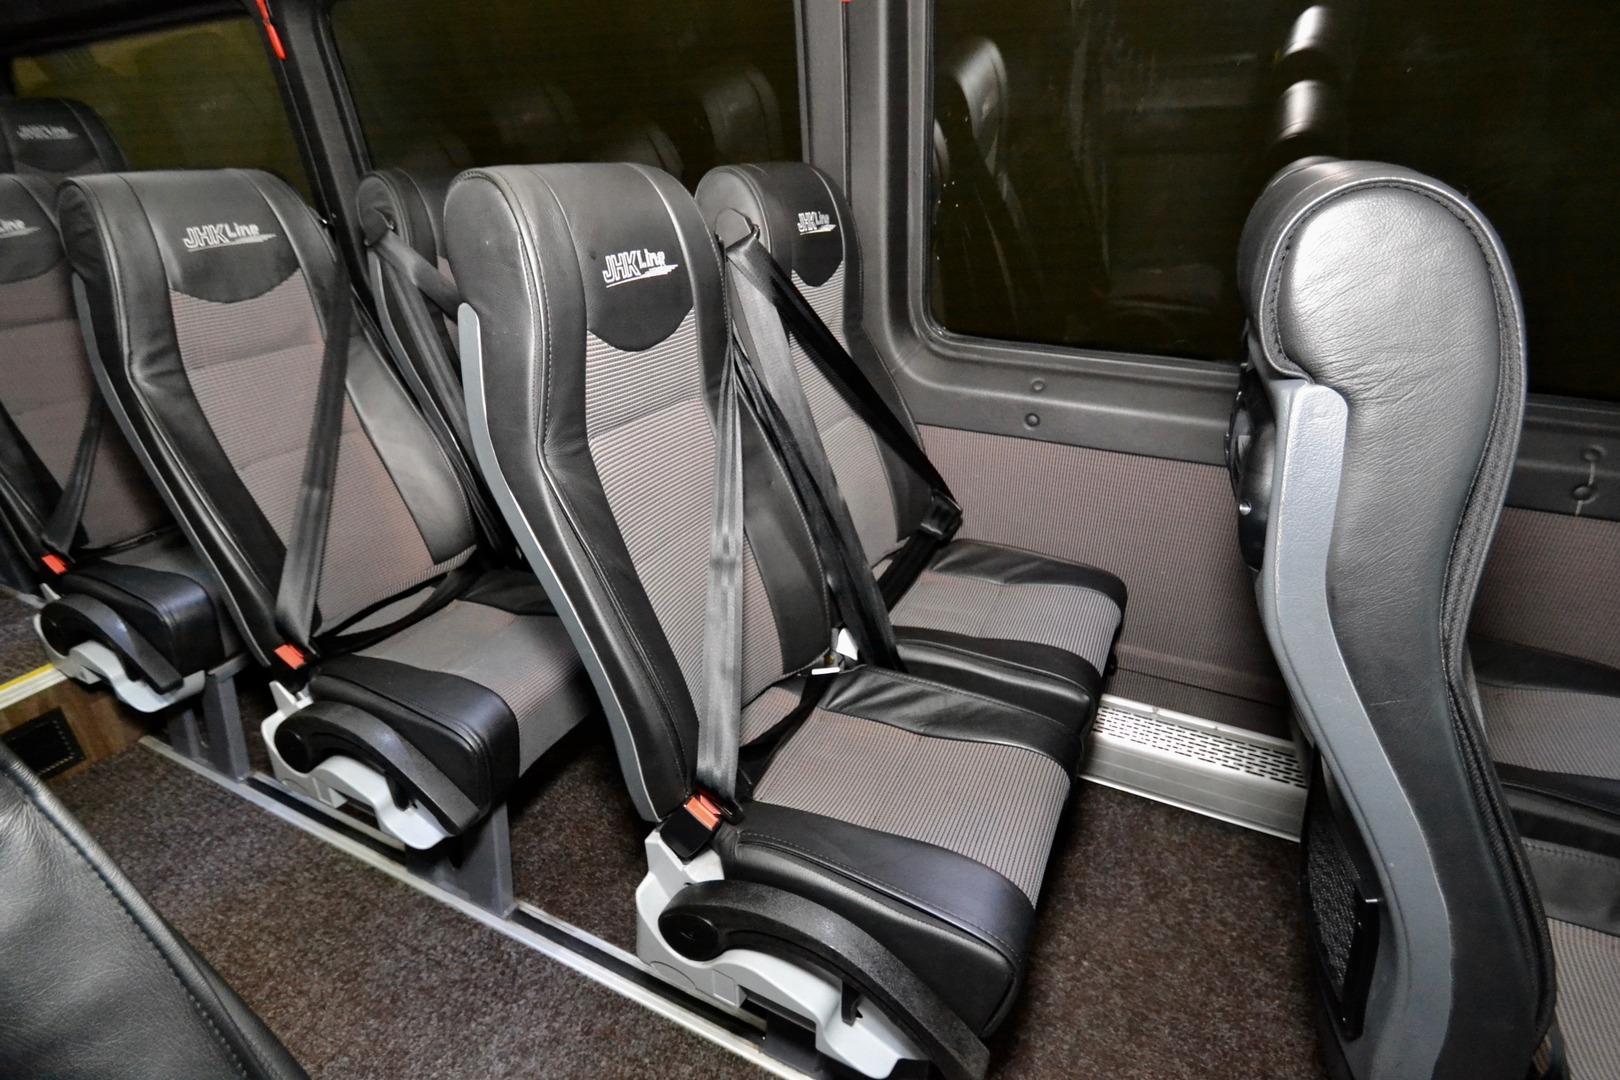 Mercedes-Benz-Automet Sprinter 519 CDI, Sprinter Yksikerroksinen (CA) 4ov 2987cm3 A